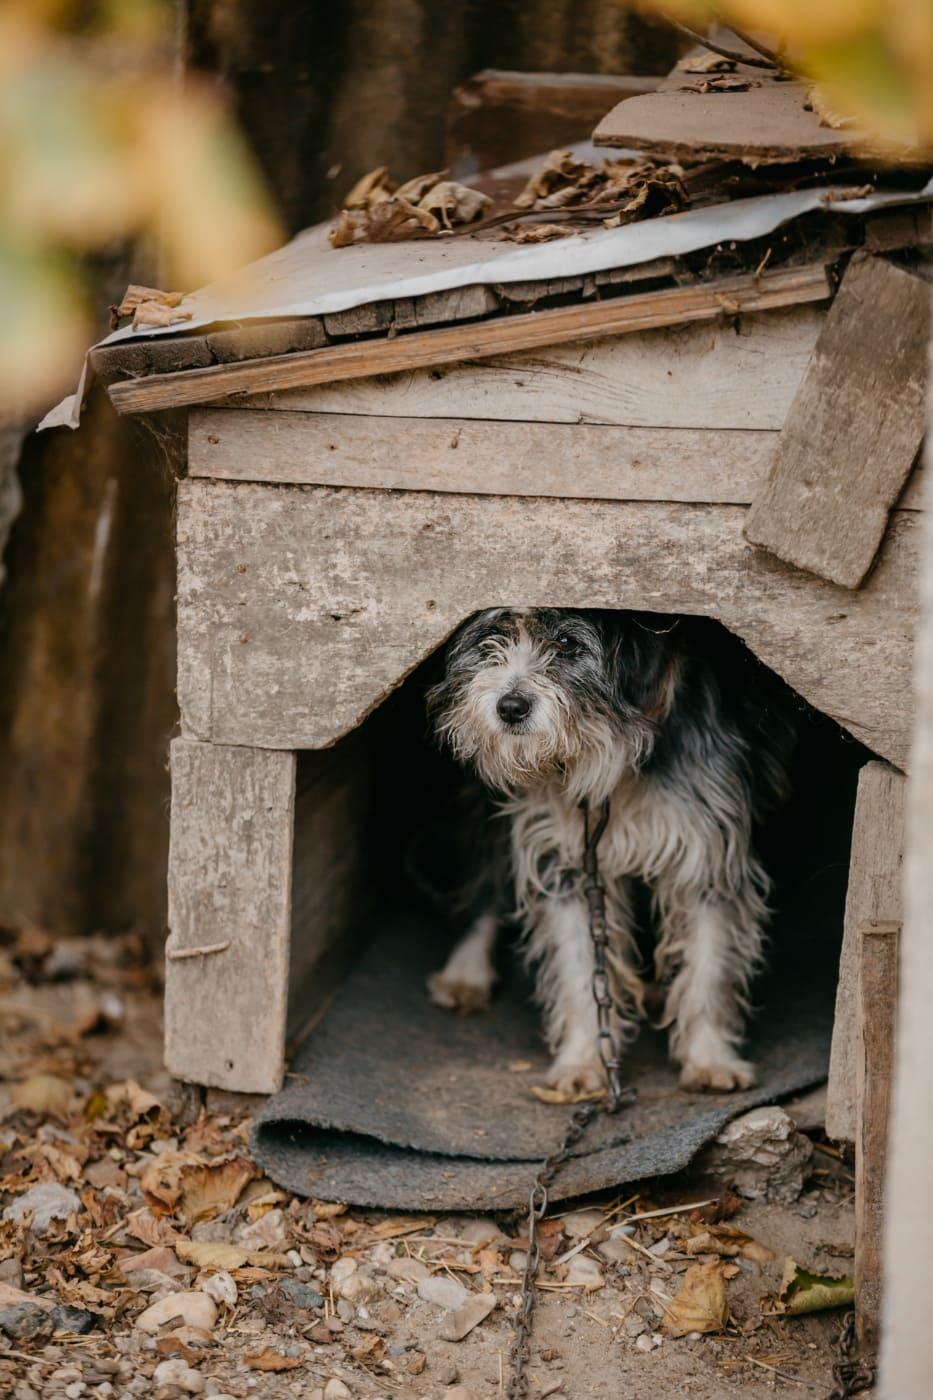 Schnauzer, hewan, anjing, gudang, Jaringan, anjing trah, anjing berburu, meninggalkan, Manis, kayu